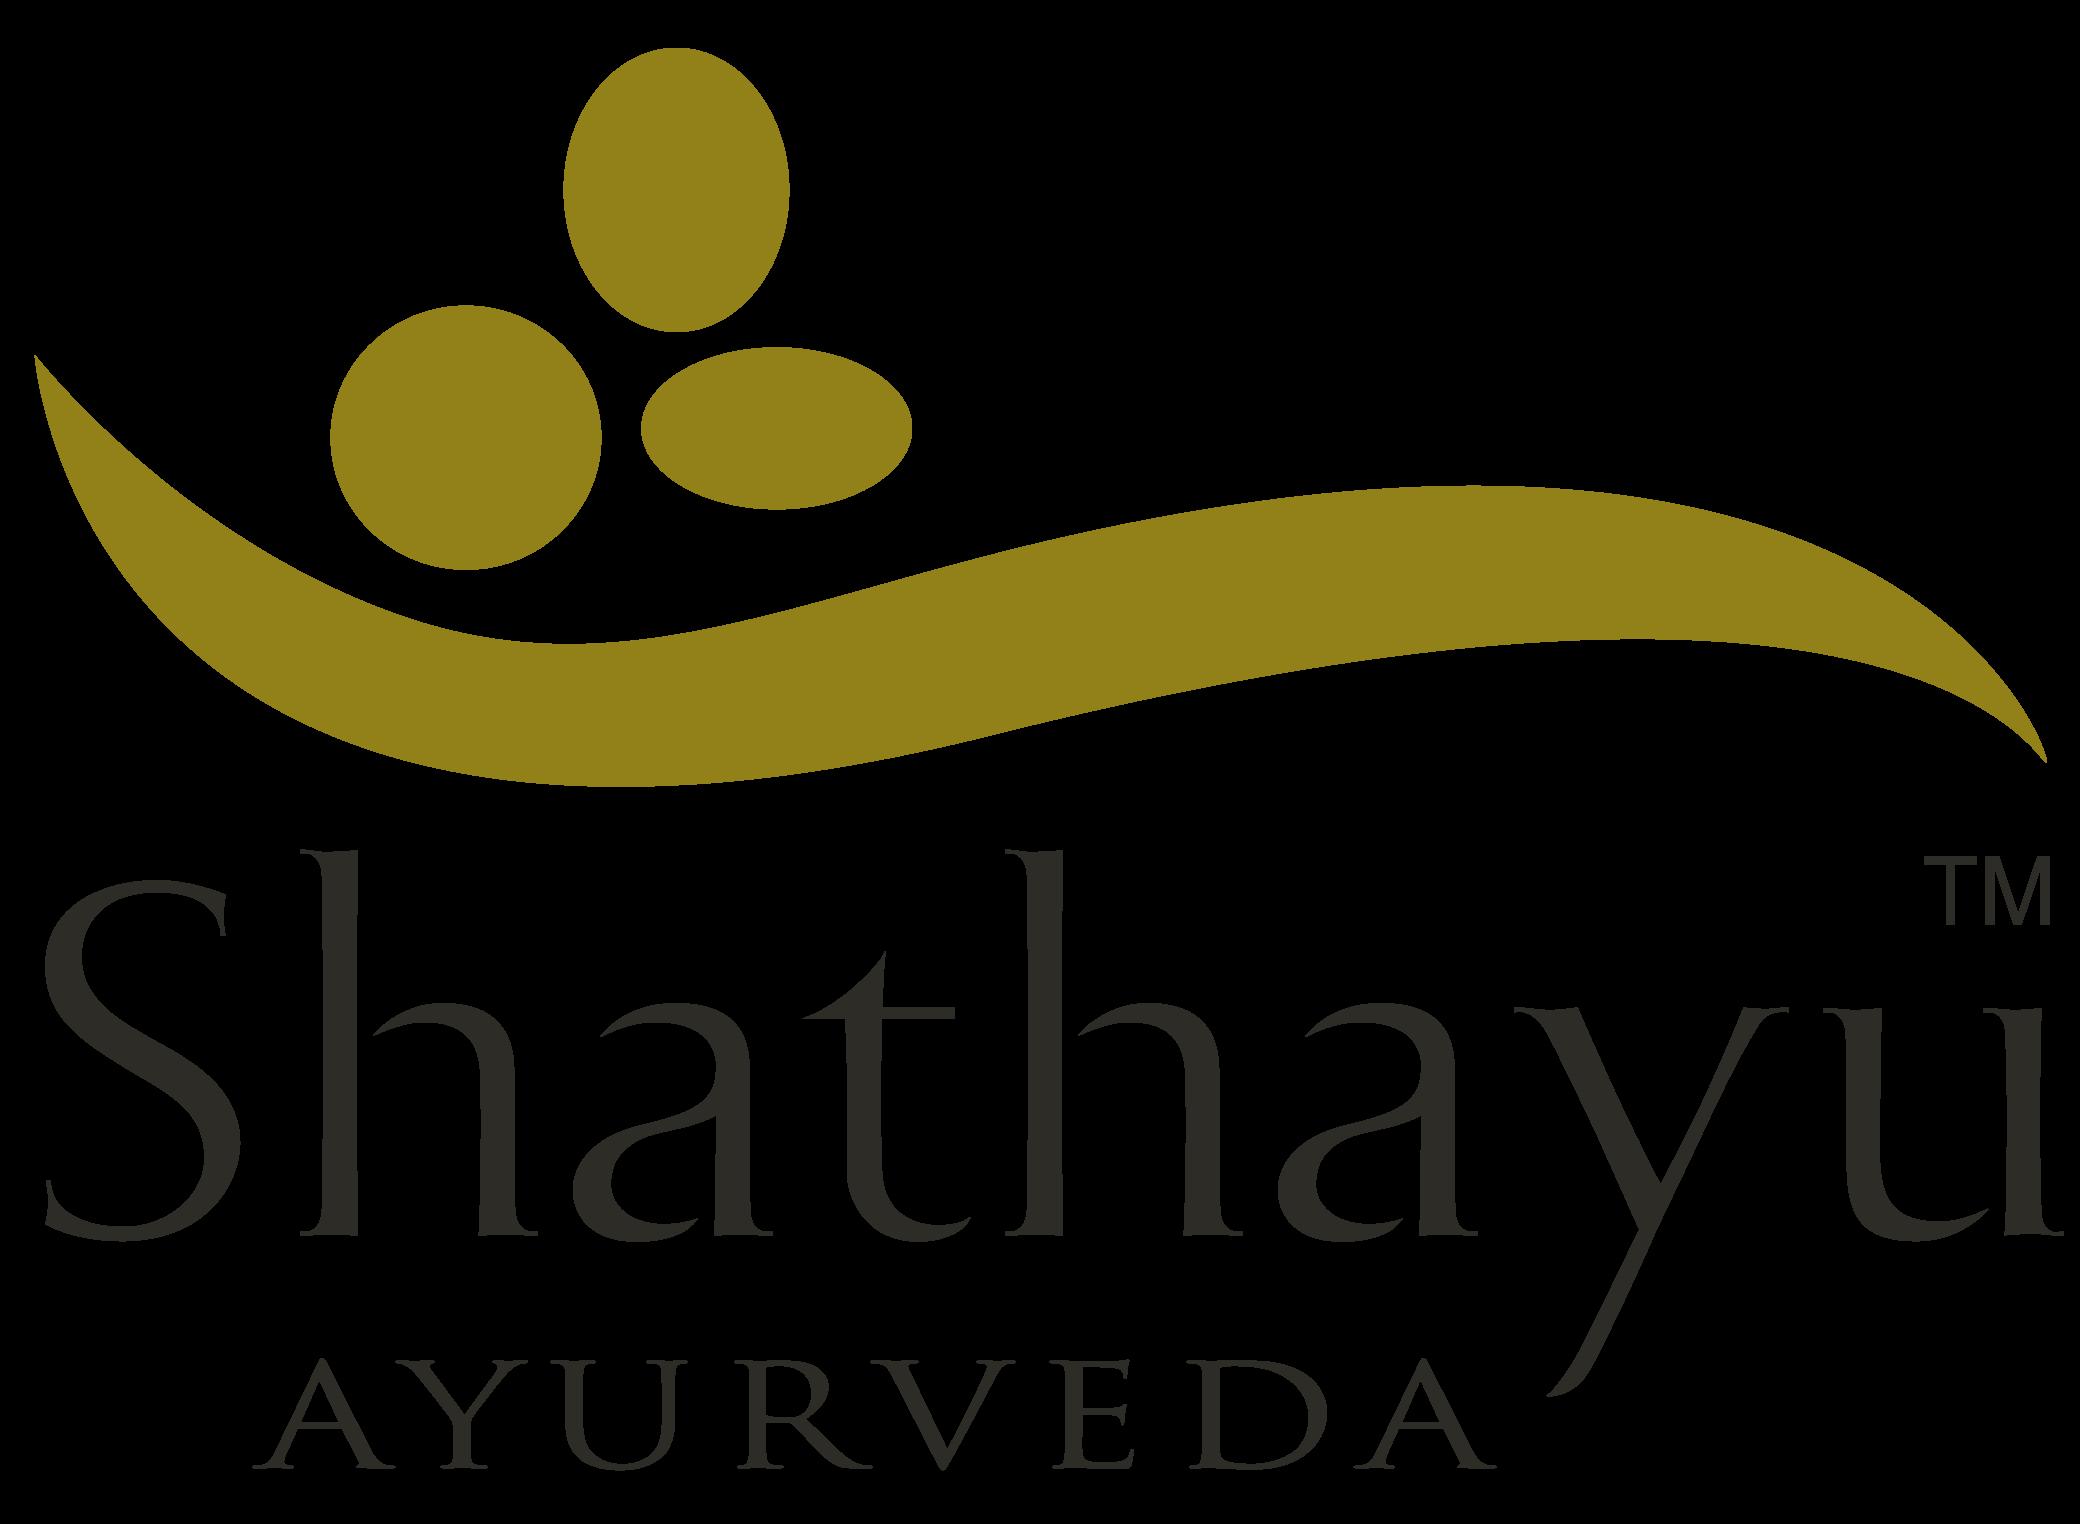 Shathayu Ayurveda Wellness Center - HSR Layout - Bangalore Image